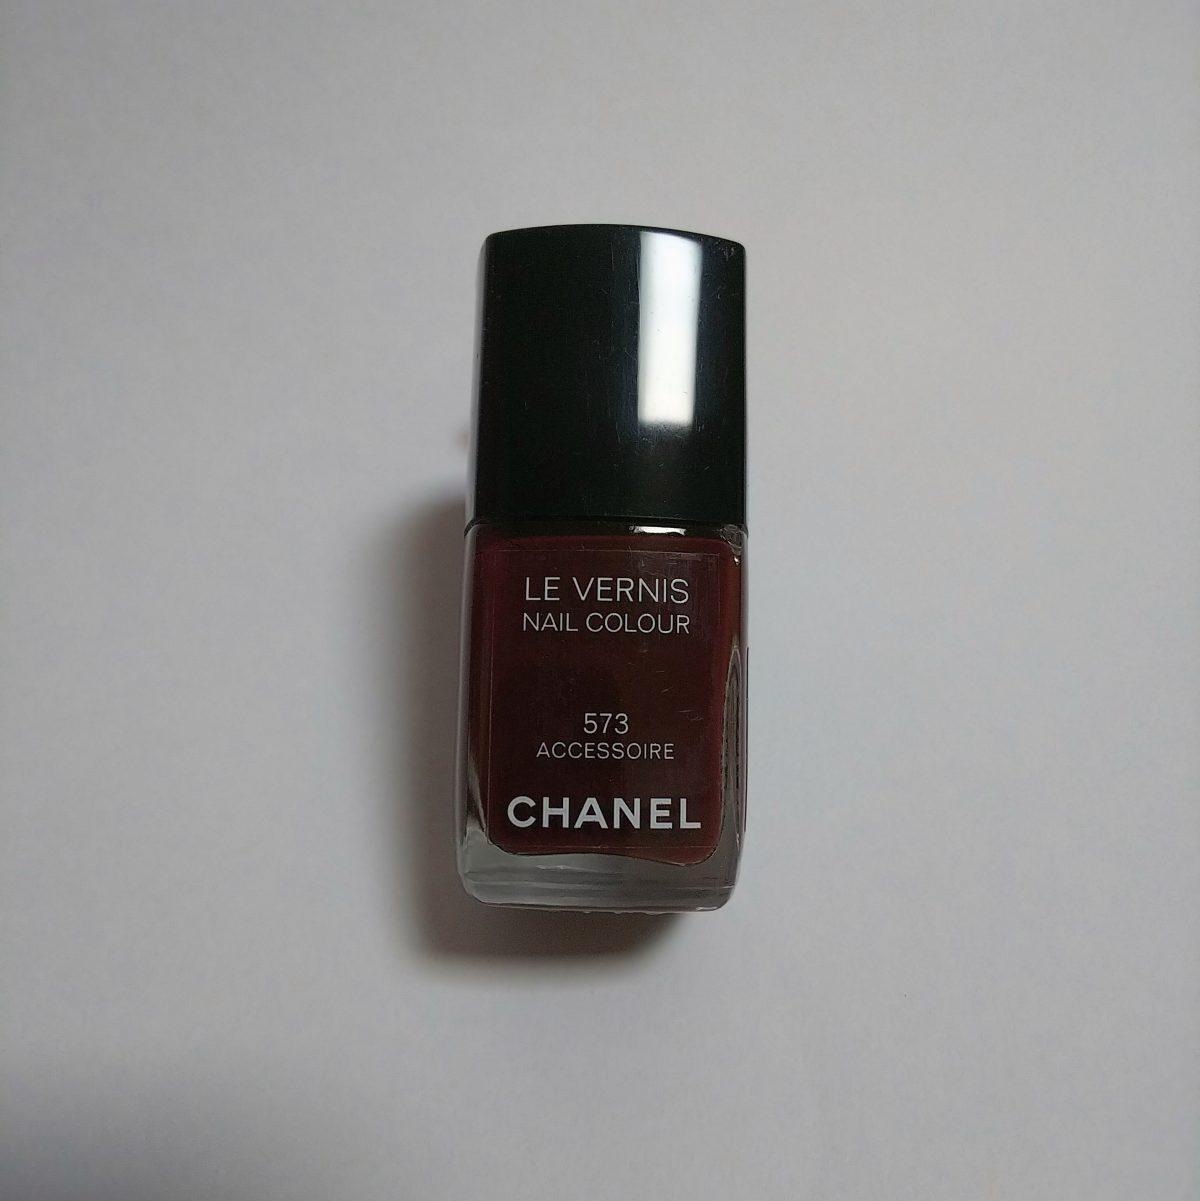 難しい!単色ポリッシュで秋ネイル -CHANEL LE VERNIS